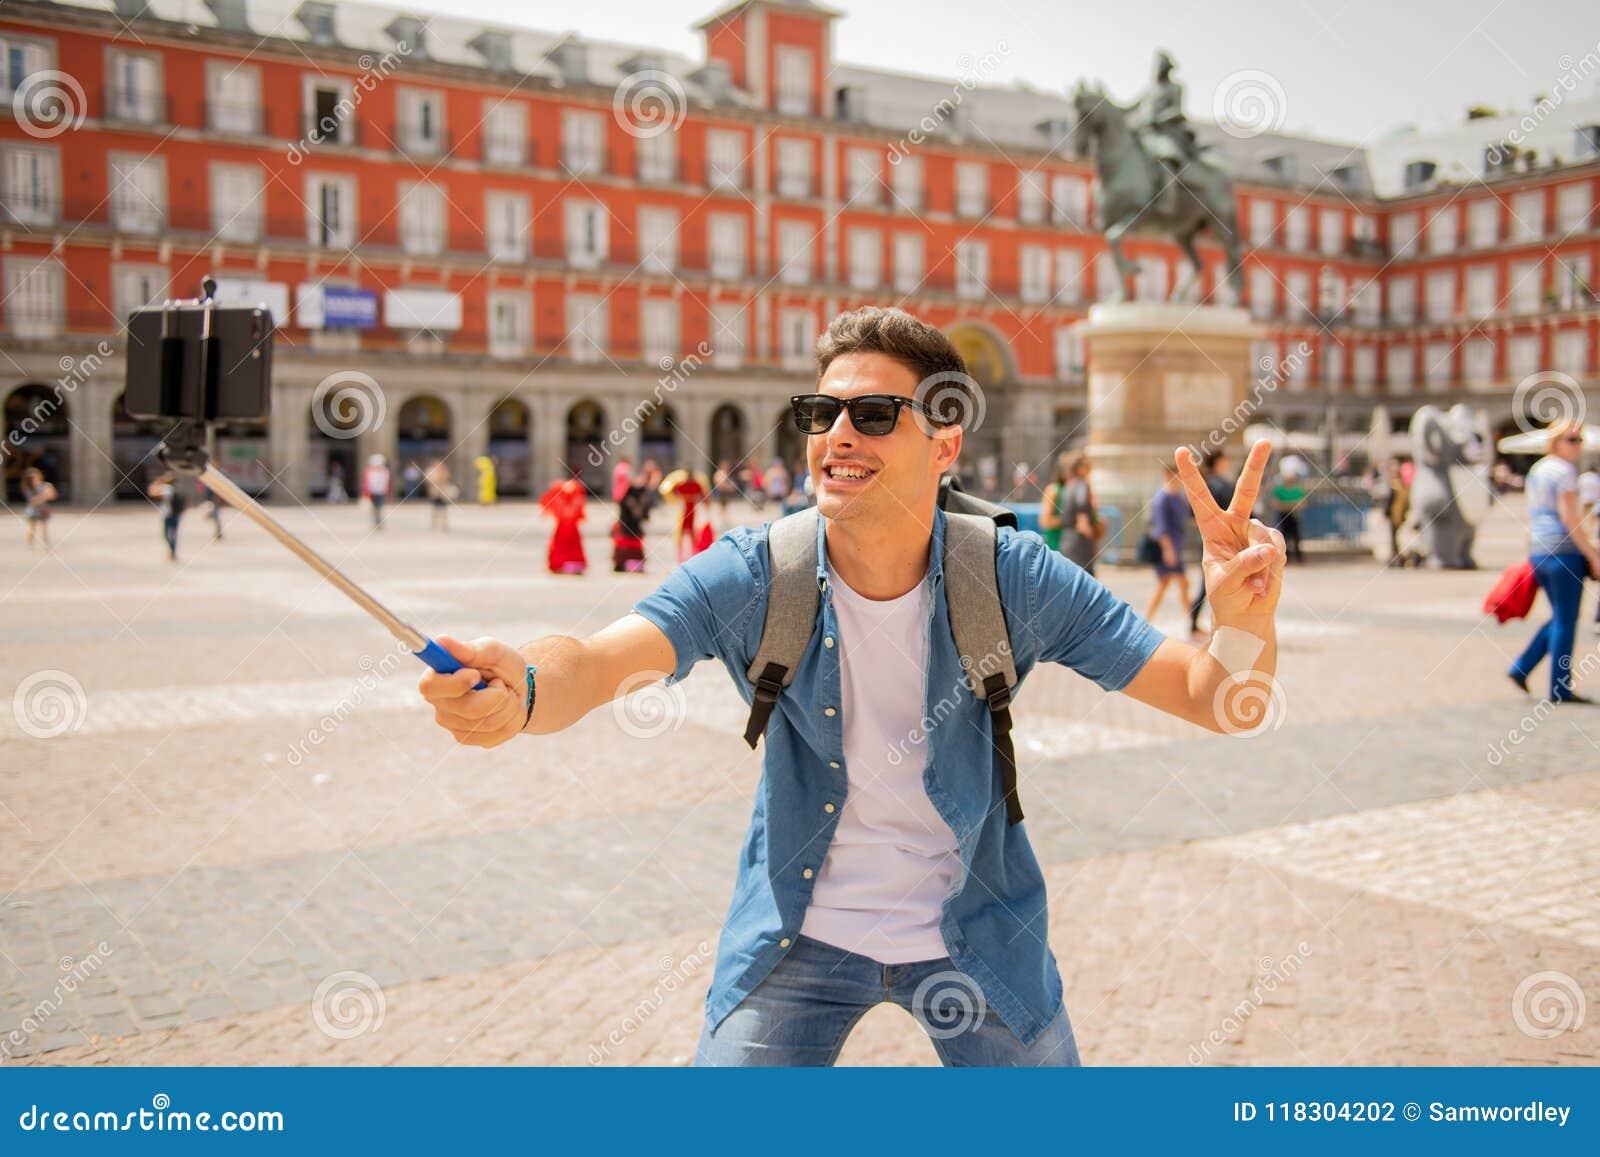 Przystojny młody caucasian turystyczny mężczyzna szczęśliwy i z podnieceniem brać selfie w placu Mayor, Madryt Hiszpania